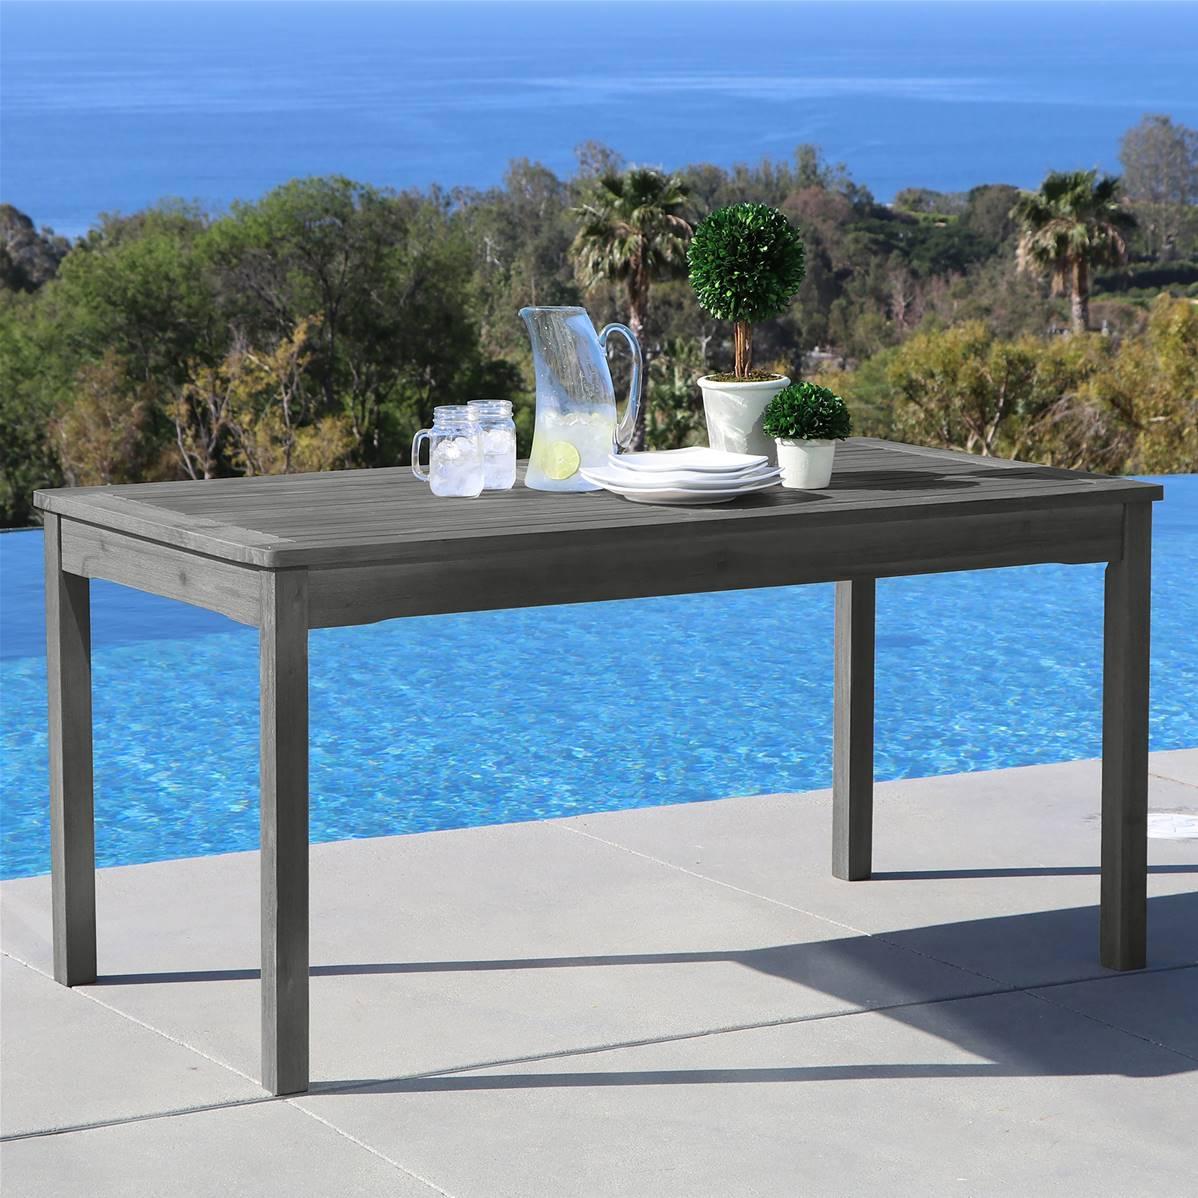 Table Bois Metal Exterieur table de salle à manger rectangulaire en bois, grattée à la main, style  renaissance pour extérieur